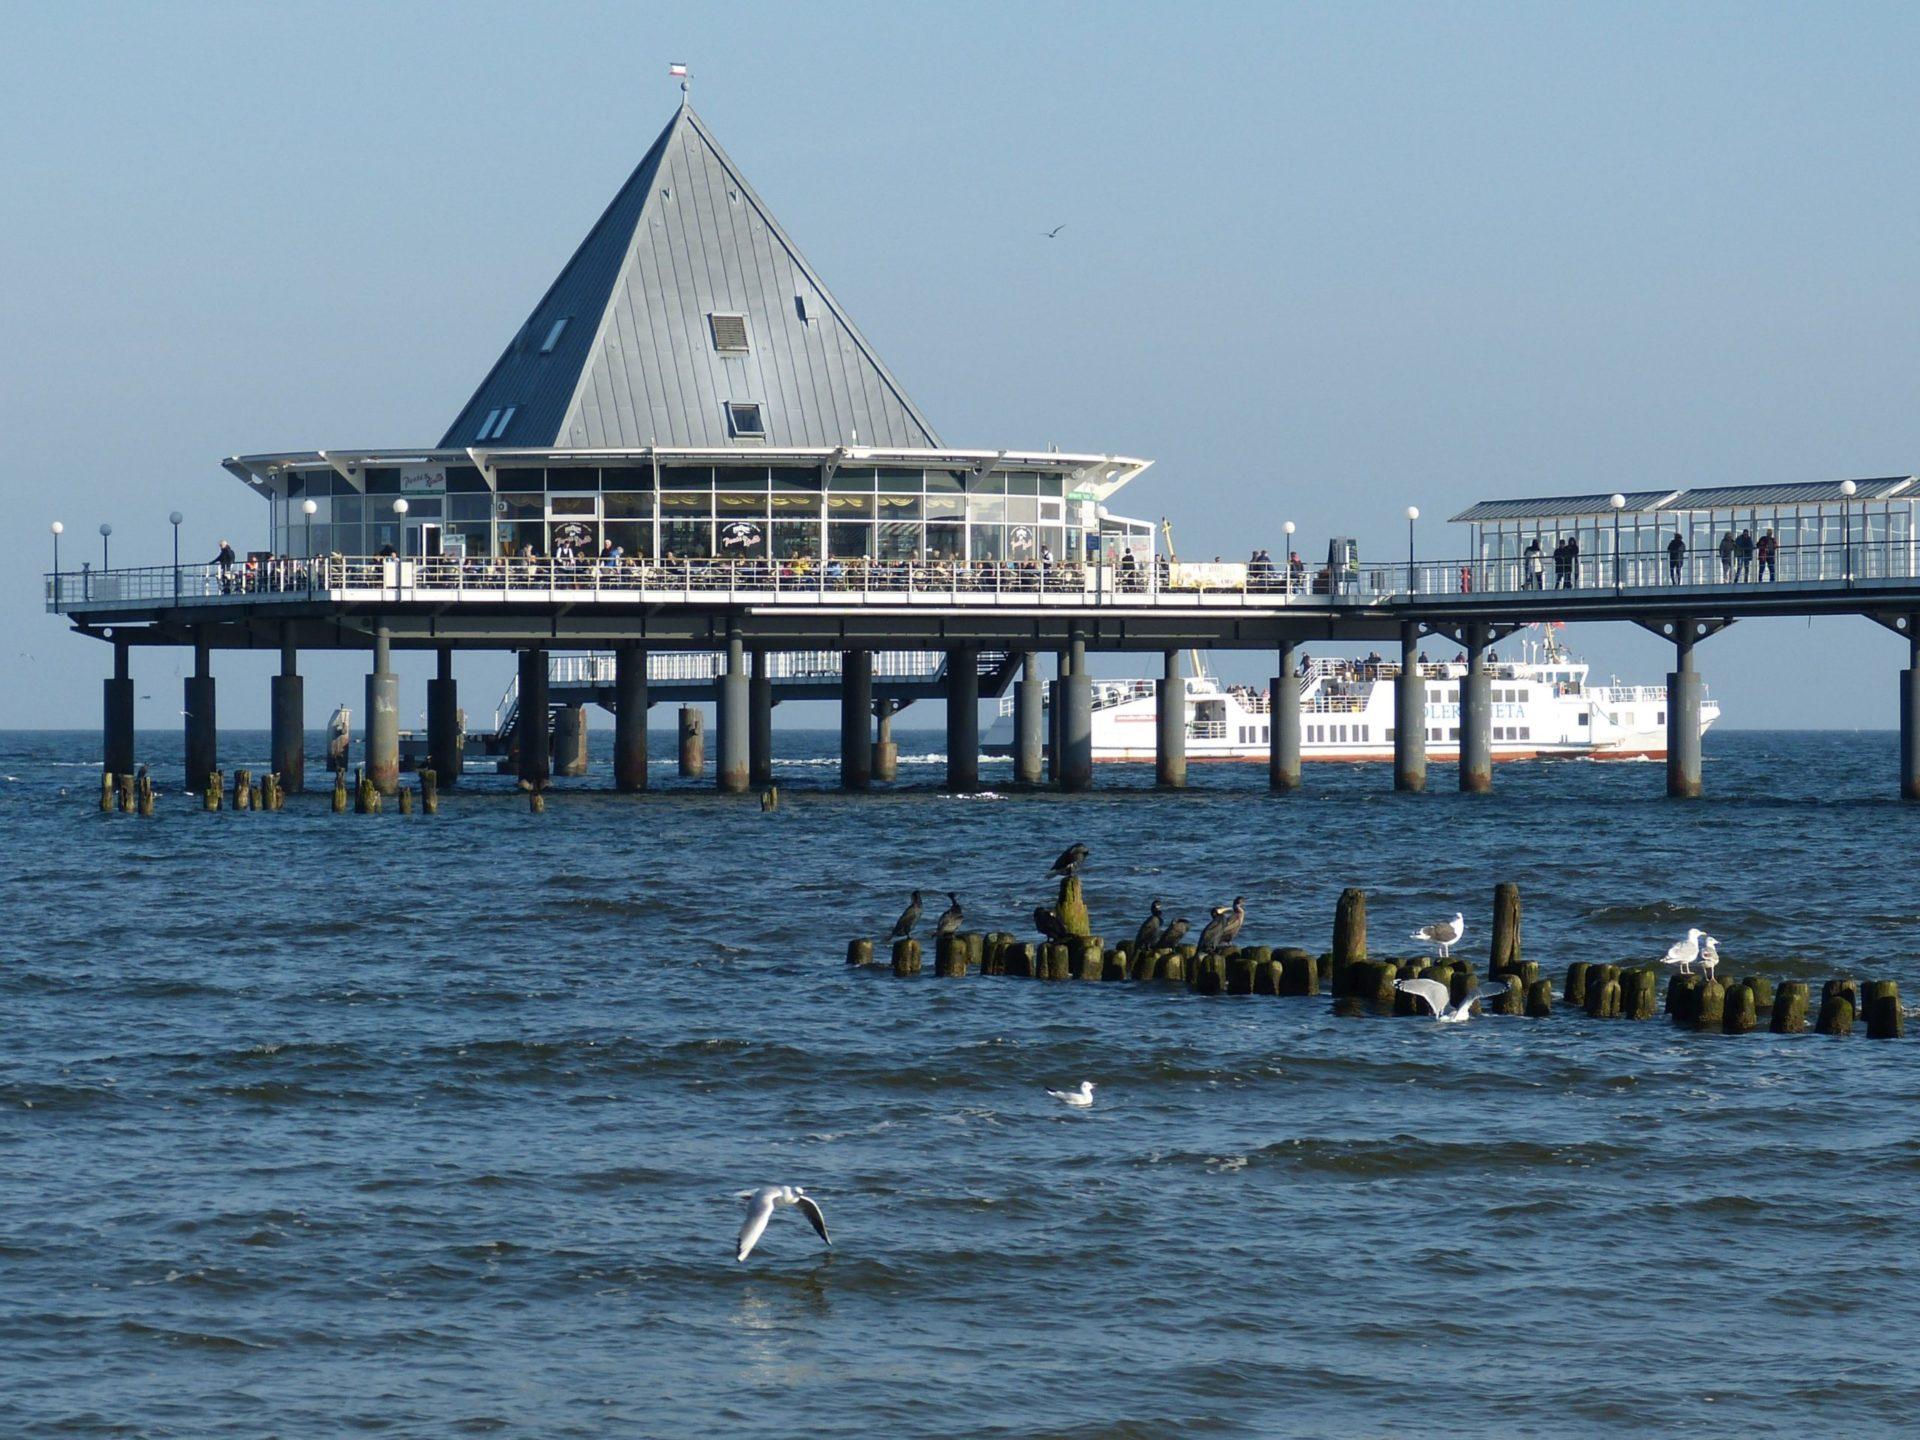 Wassertemperatur Heringsdorf: Seebrücke Heringsdorf mit pyramidenförmigem Restaurant